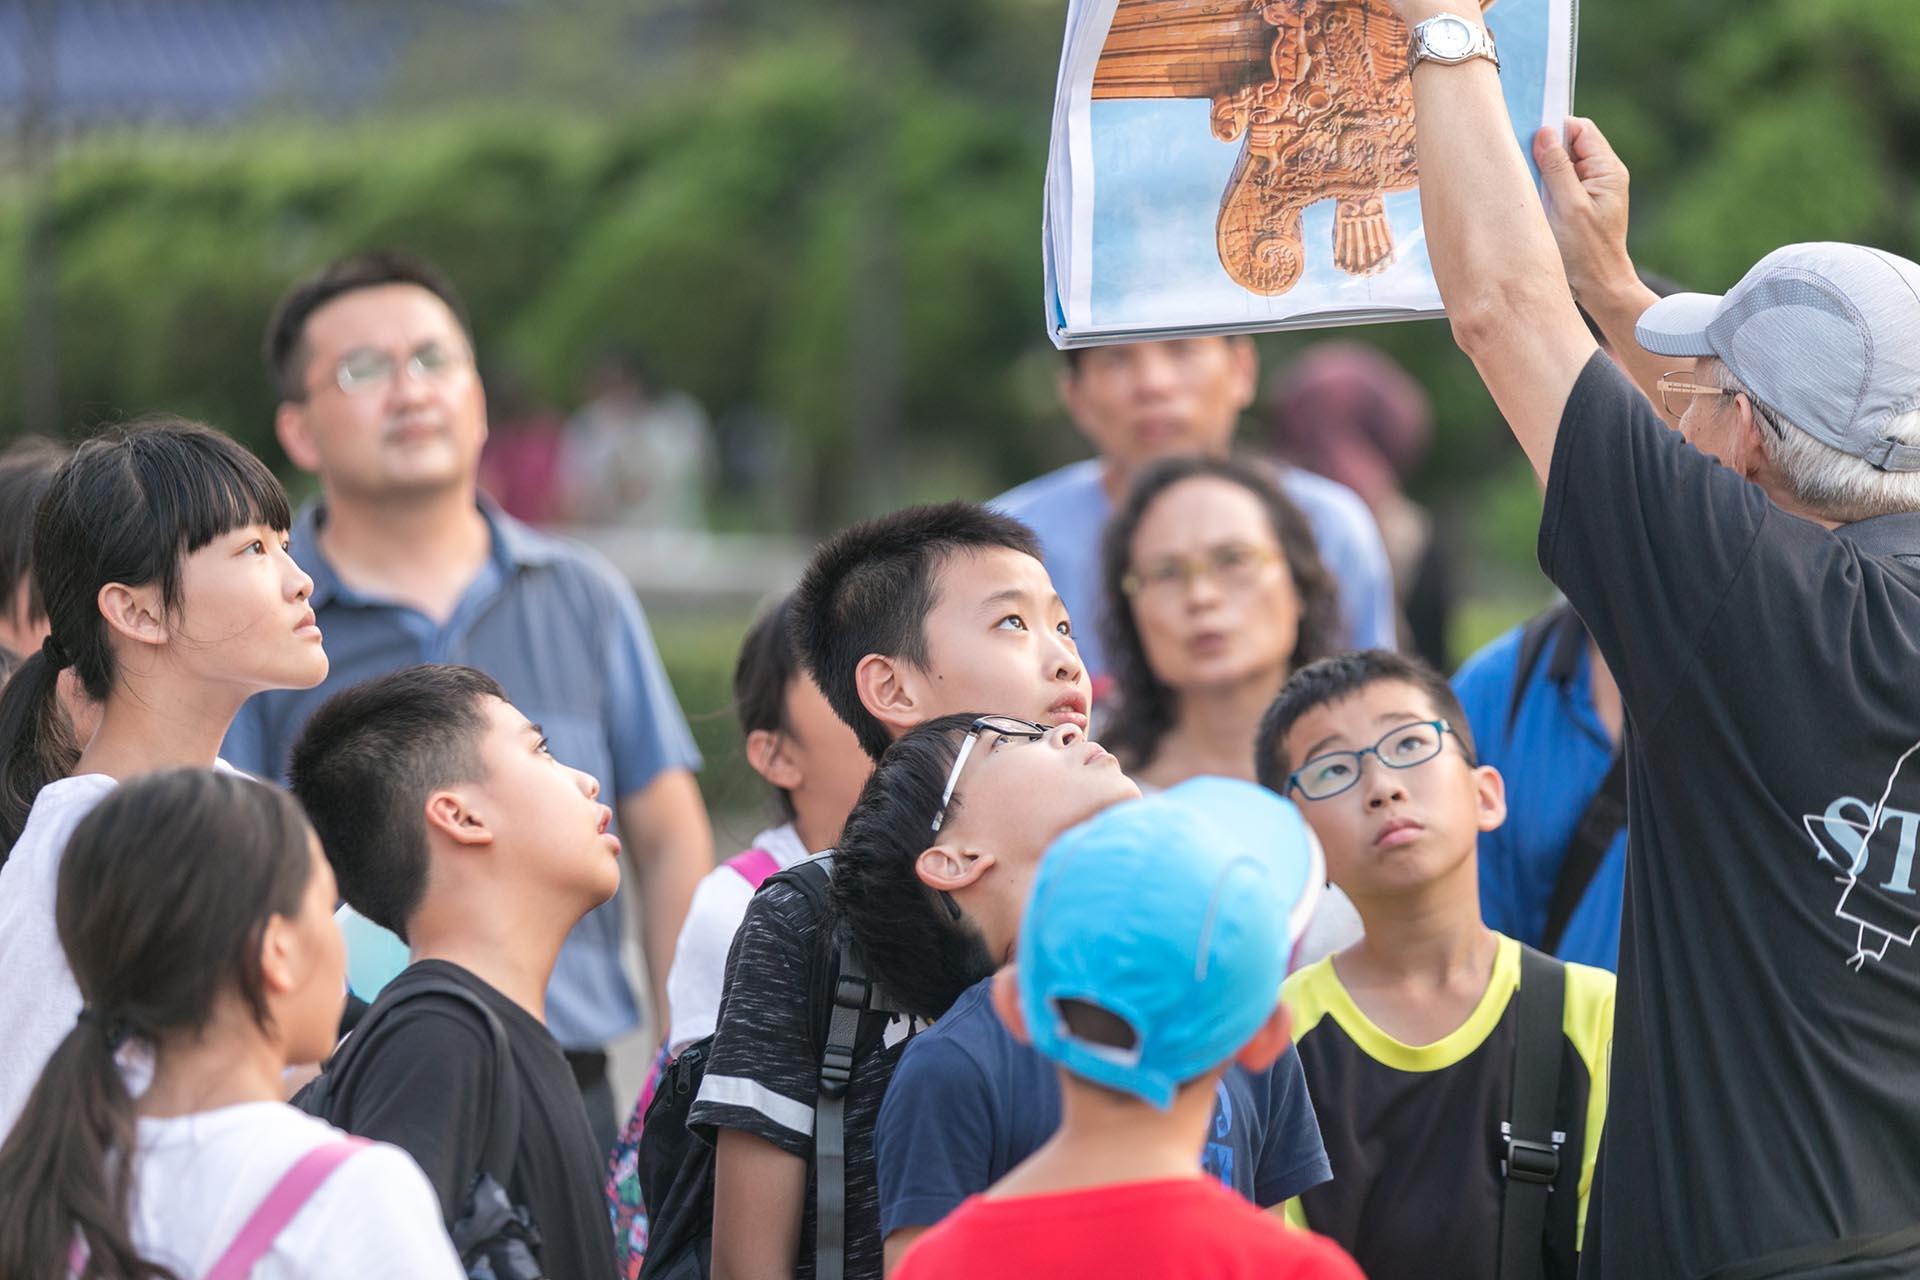 利奇馬颱風也擋不住孩子們渴望接觸表演藝術的熱情